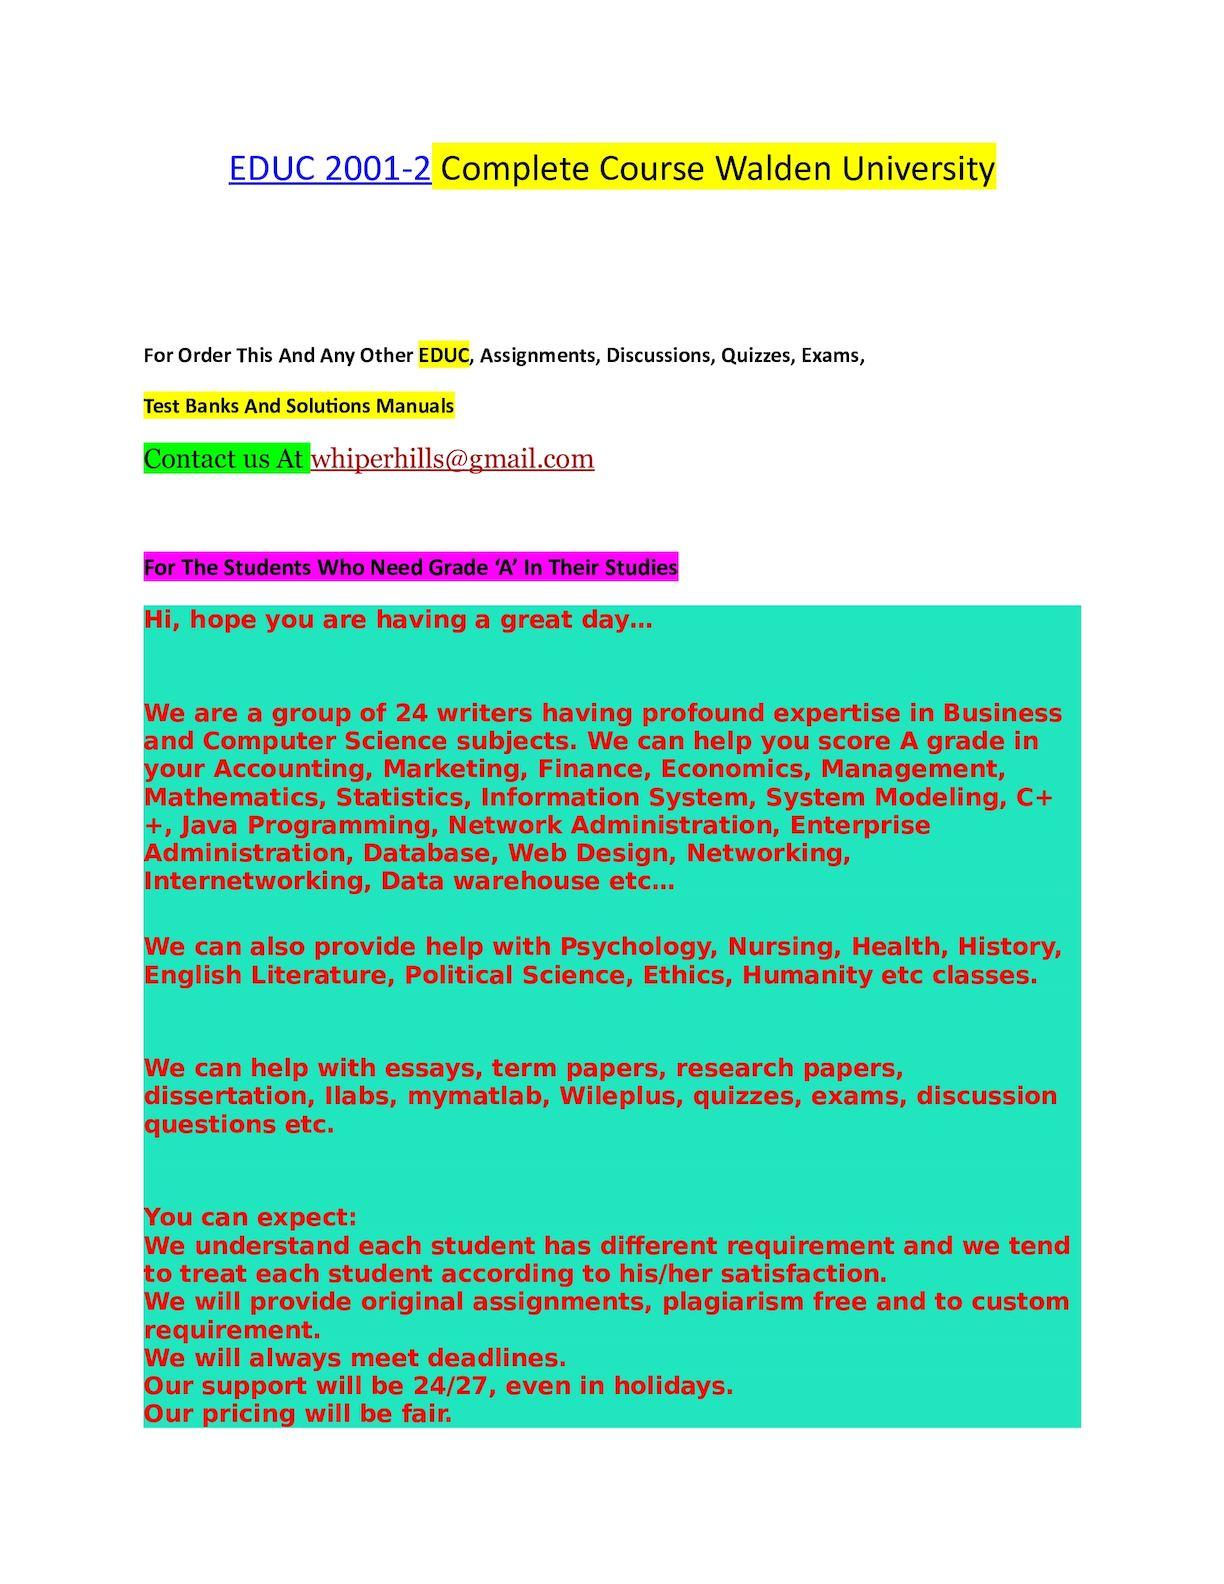 Calaméo - EDUC 2001 2 Complete Course Walden University